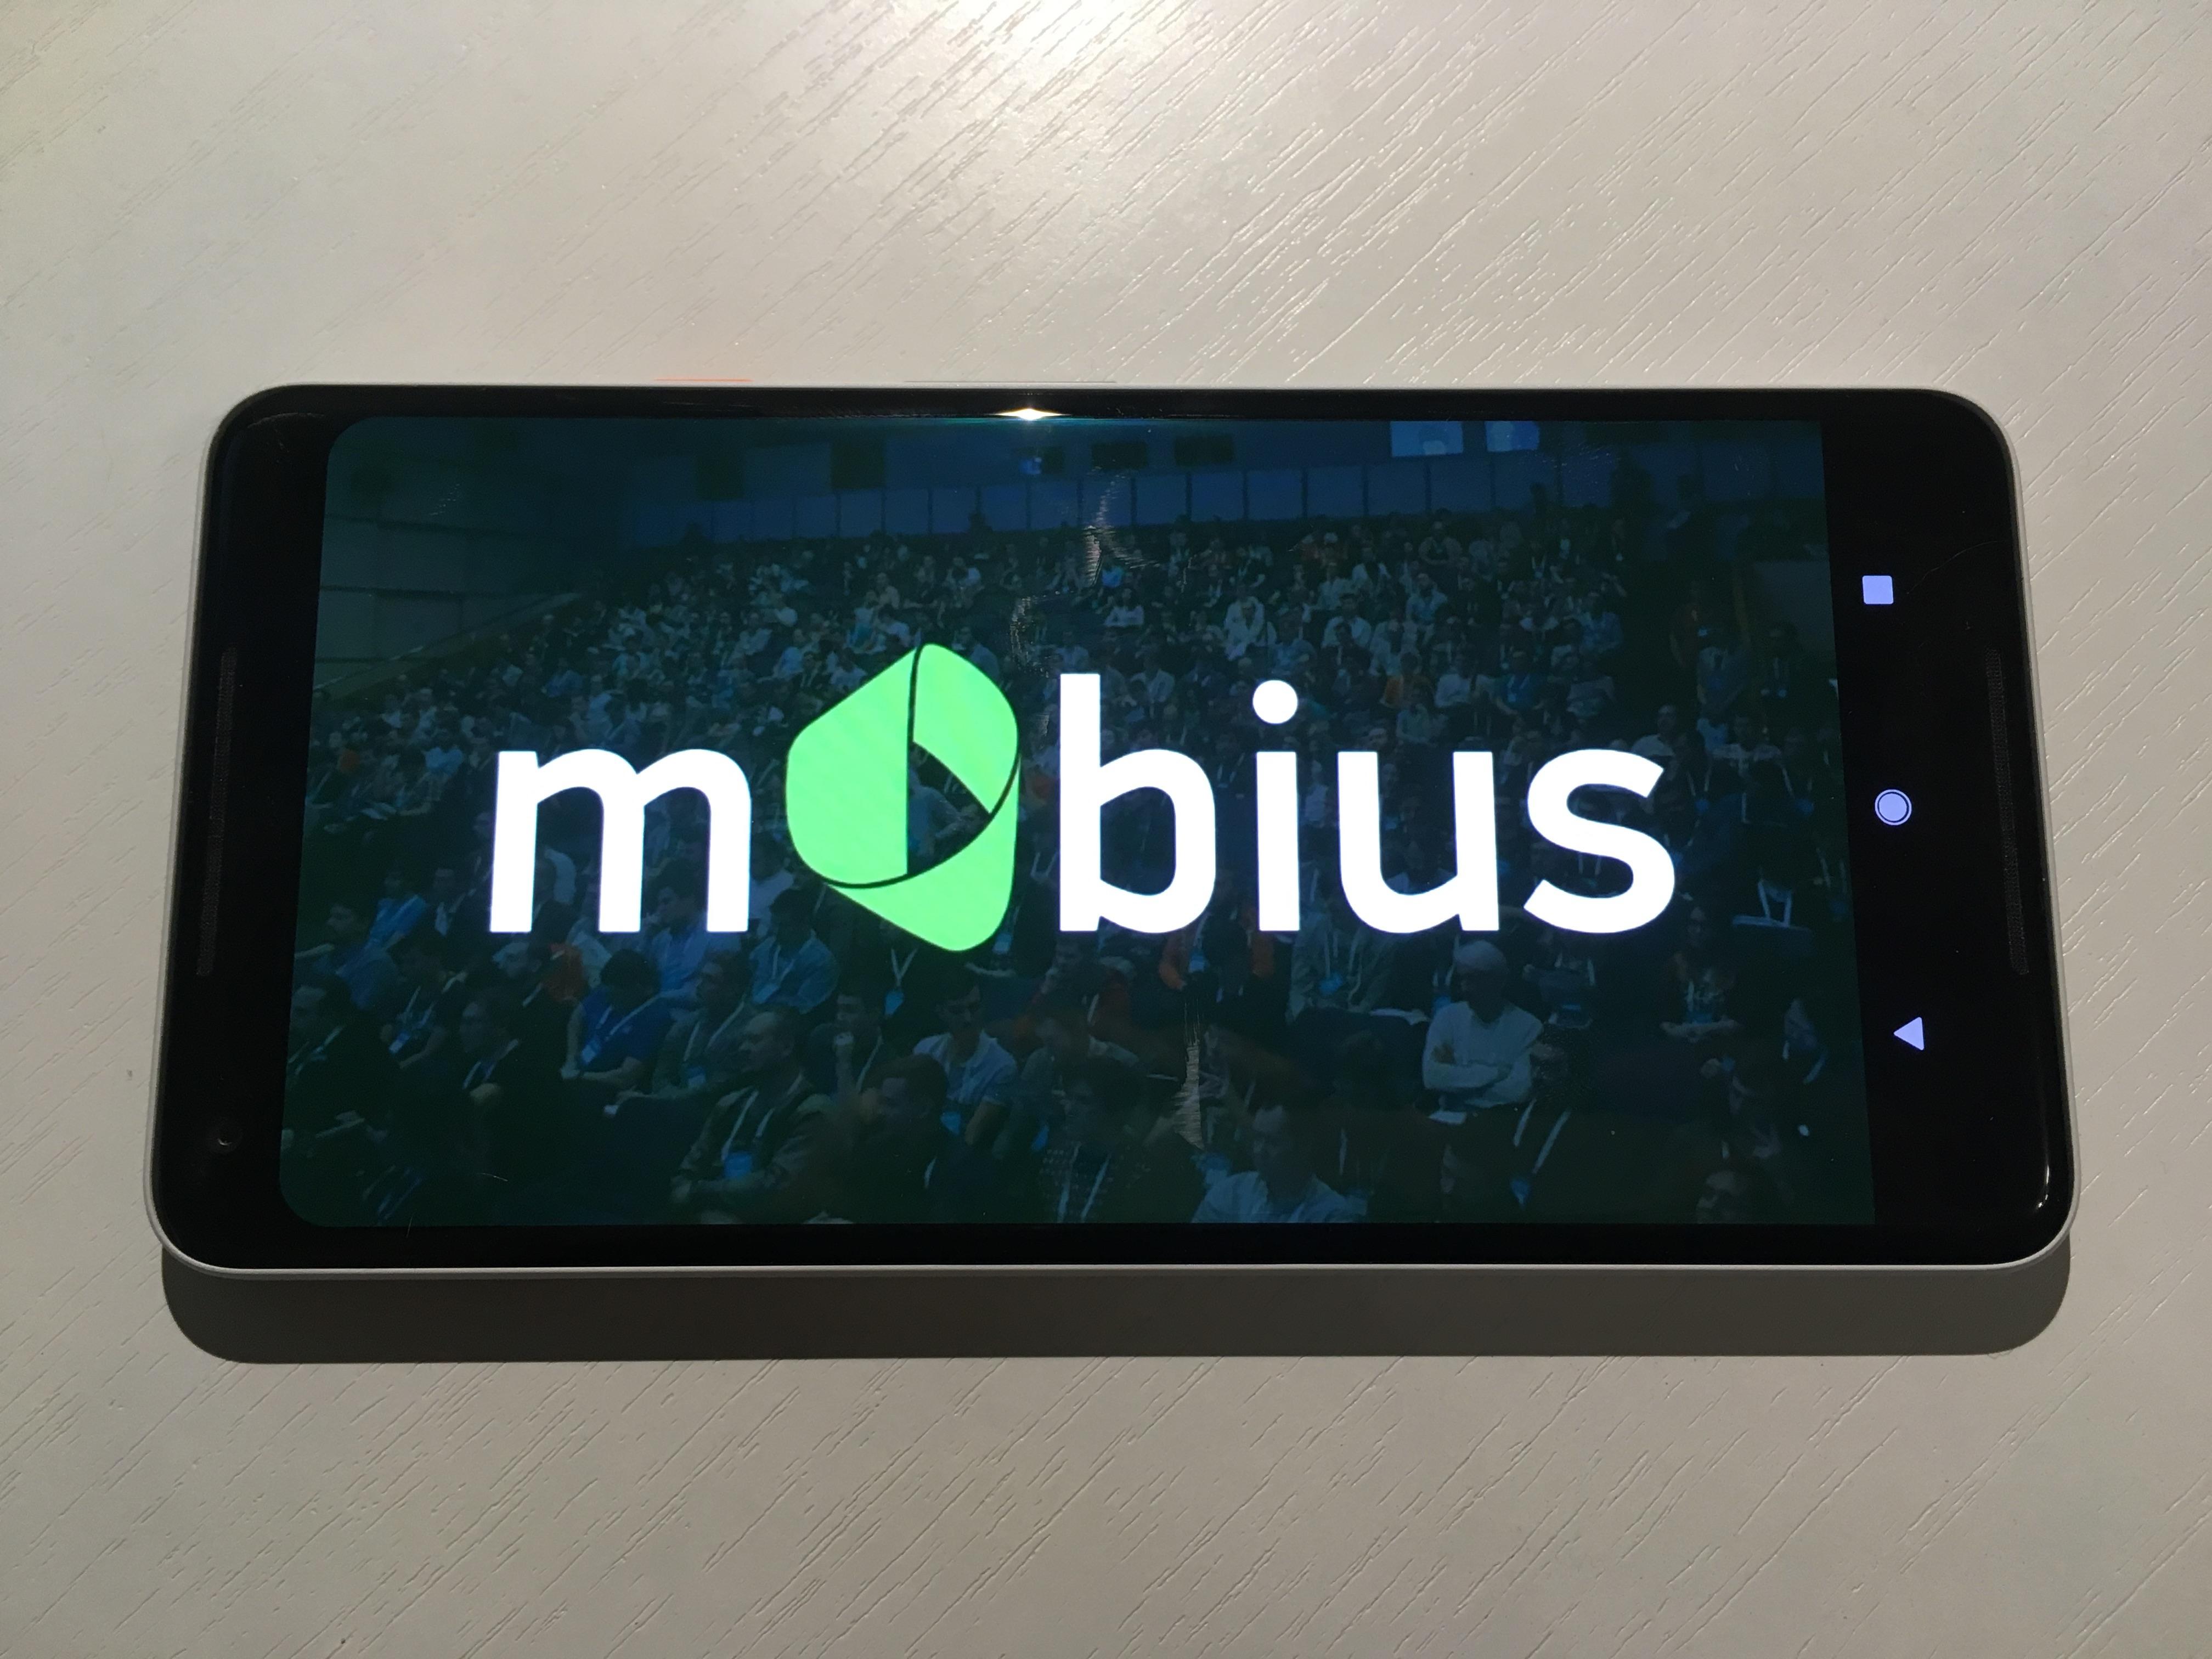 Мобильный уик-энд: бесплатная трансляция Mobius